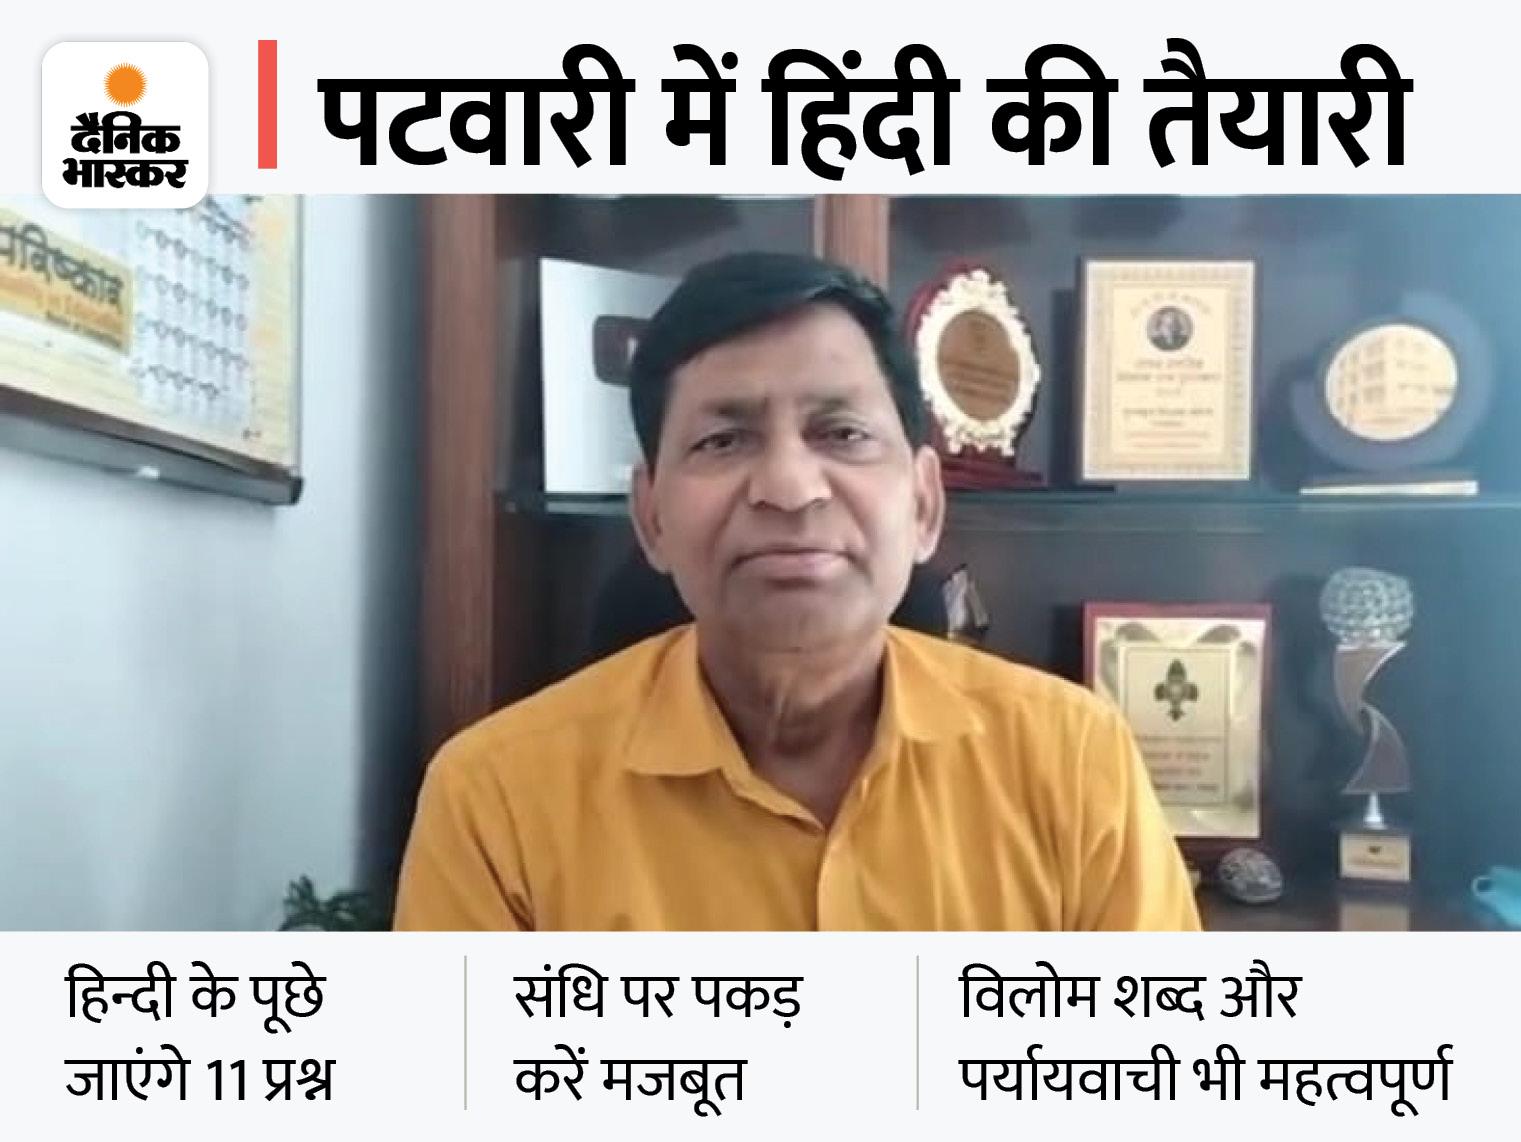 हिंदी विशेषज्ञ डॉ. राघव प्रकाश से समझें कैसे करें तैयारी, 4 टॉपिक संधि, प्रत्यय, समास, उपसर्ग बढ़ाएंगे स्कोर|पटवारी भर्ती परीक्षा,RSMSSB Patwari Exam 2021 - Dainik Bhaskar